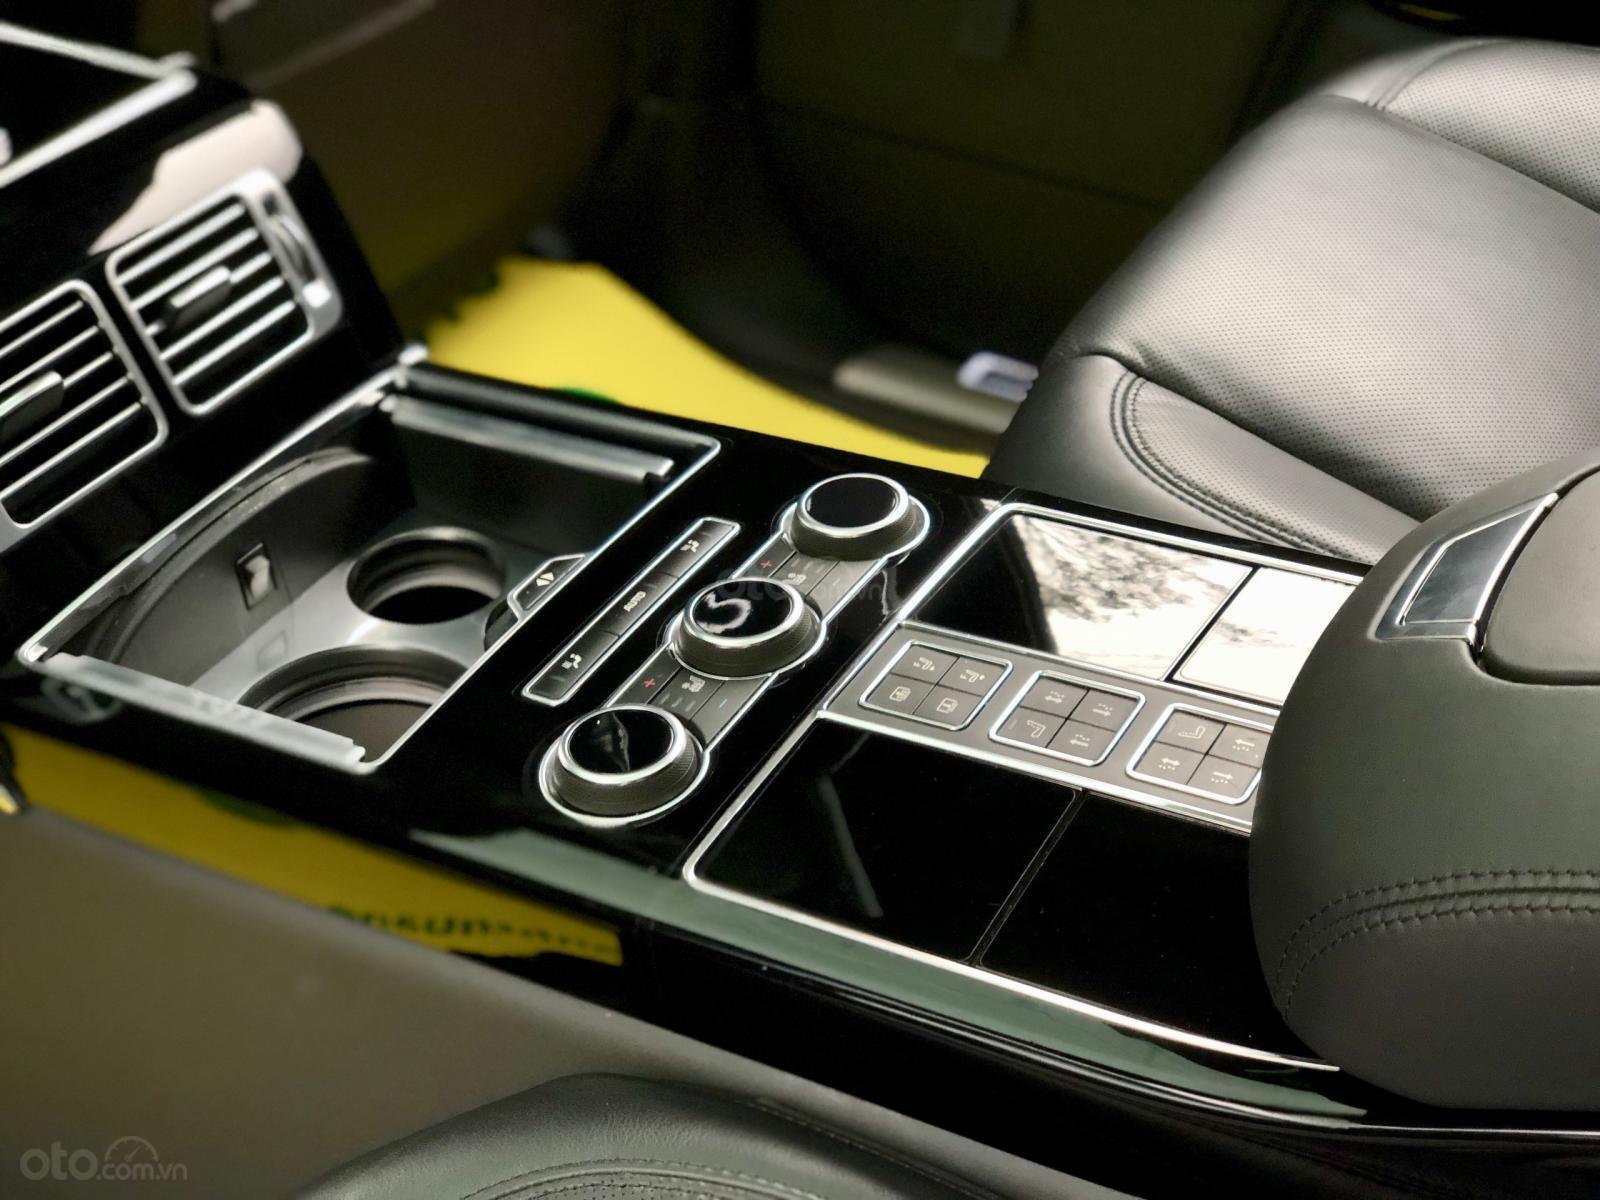 Bán Range Rover Black Edition SX 2015, siêu lướt giá tốt - LH Ms. Hương 094.539.2468 (15)